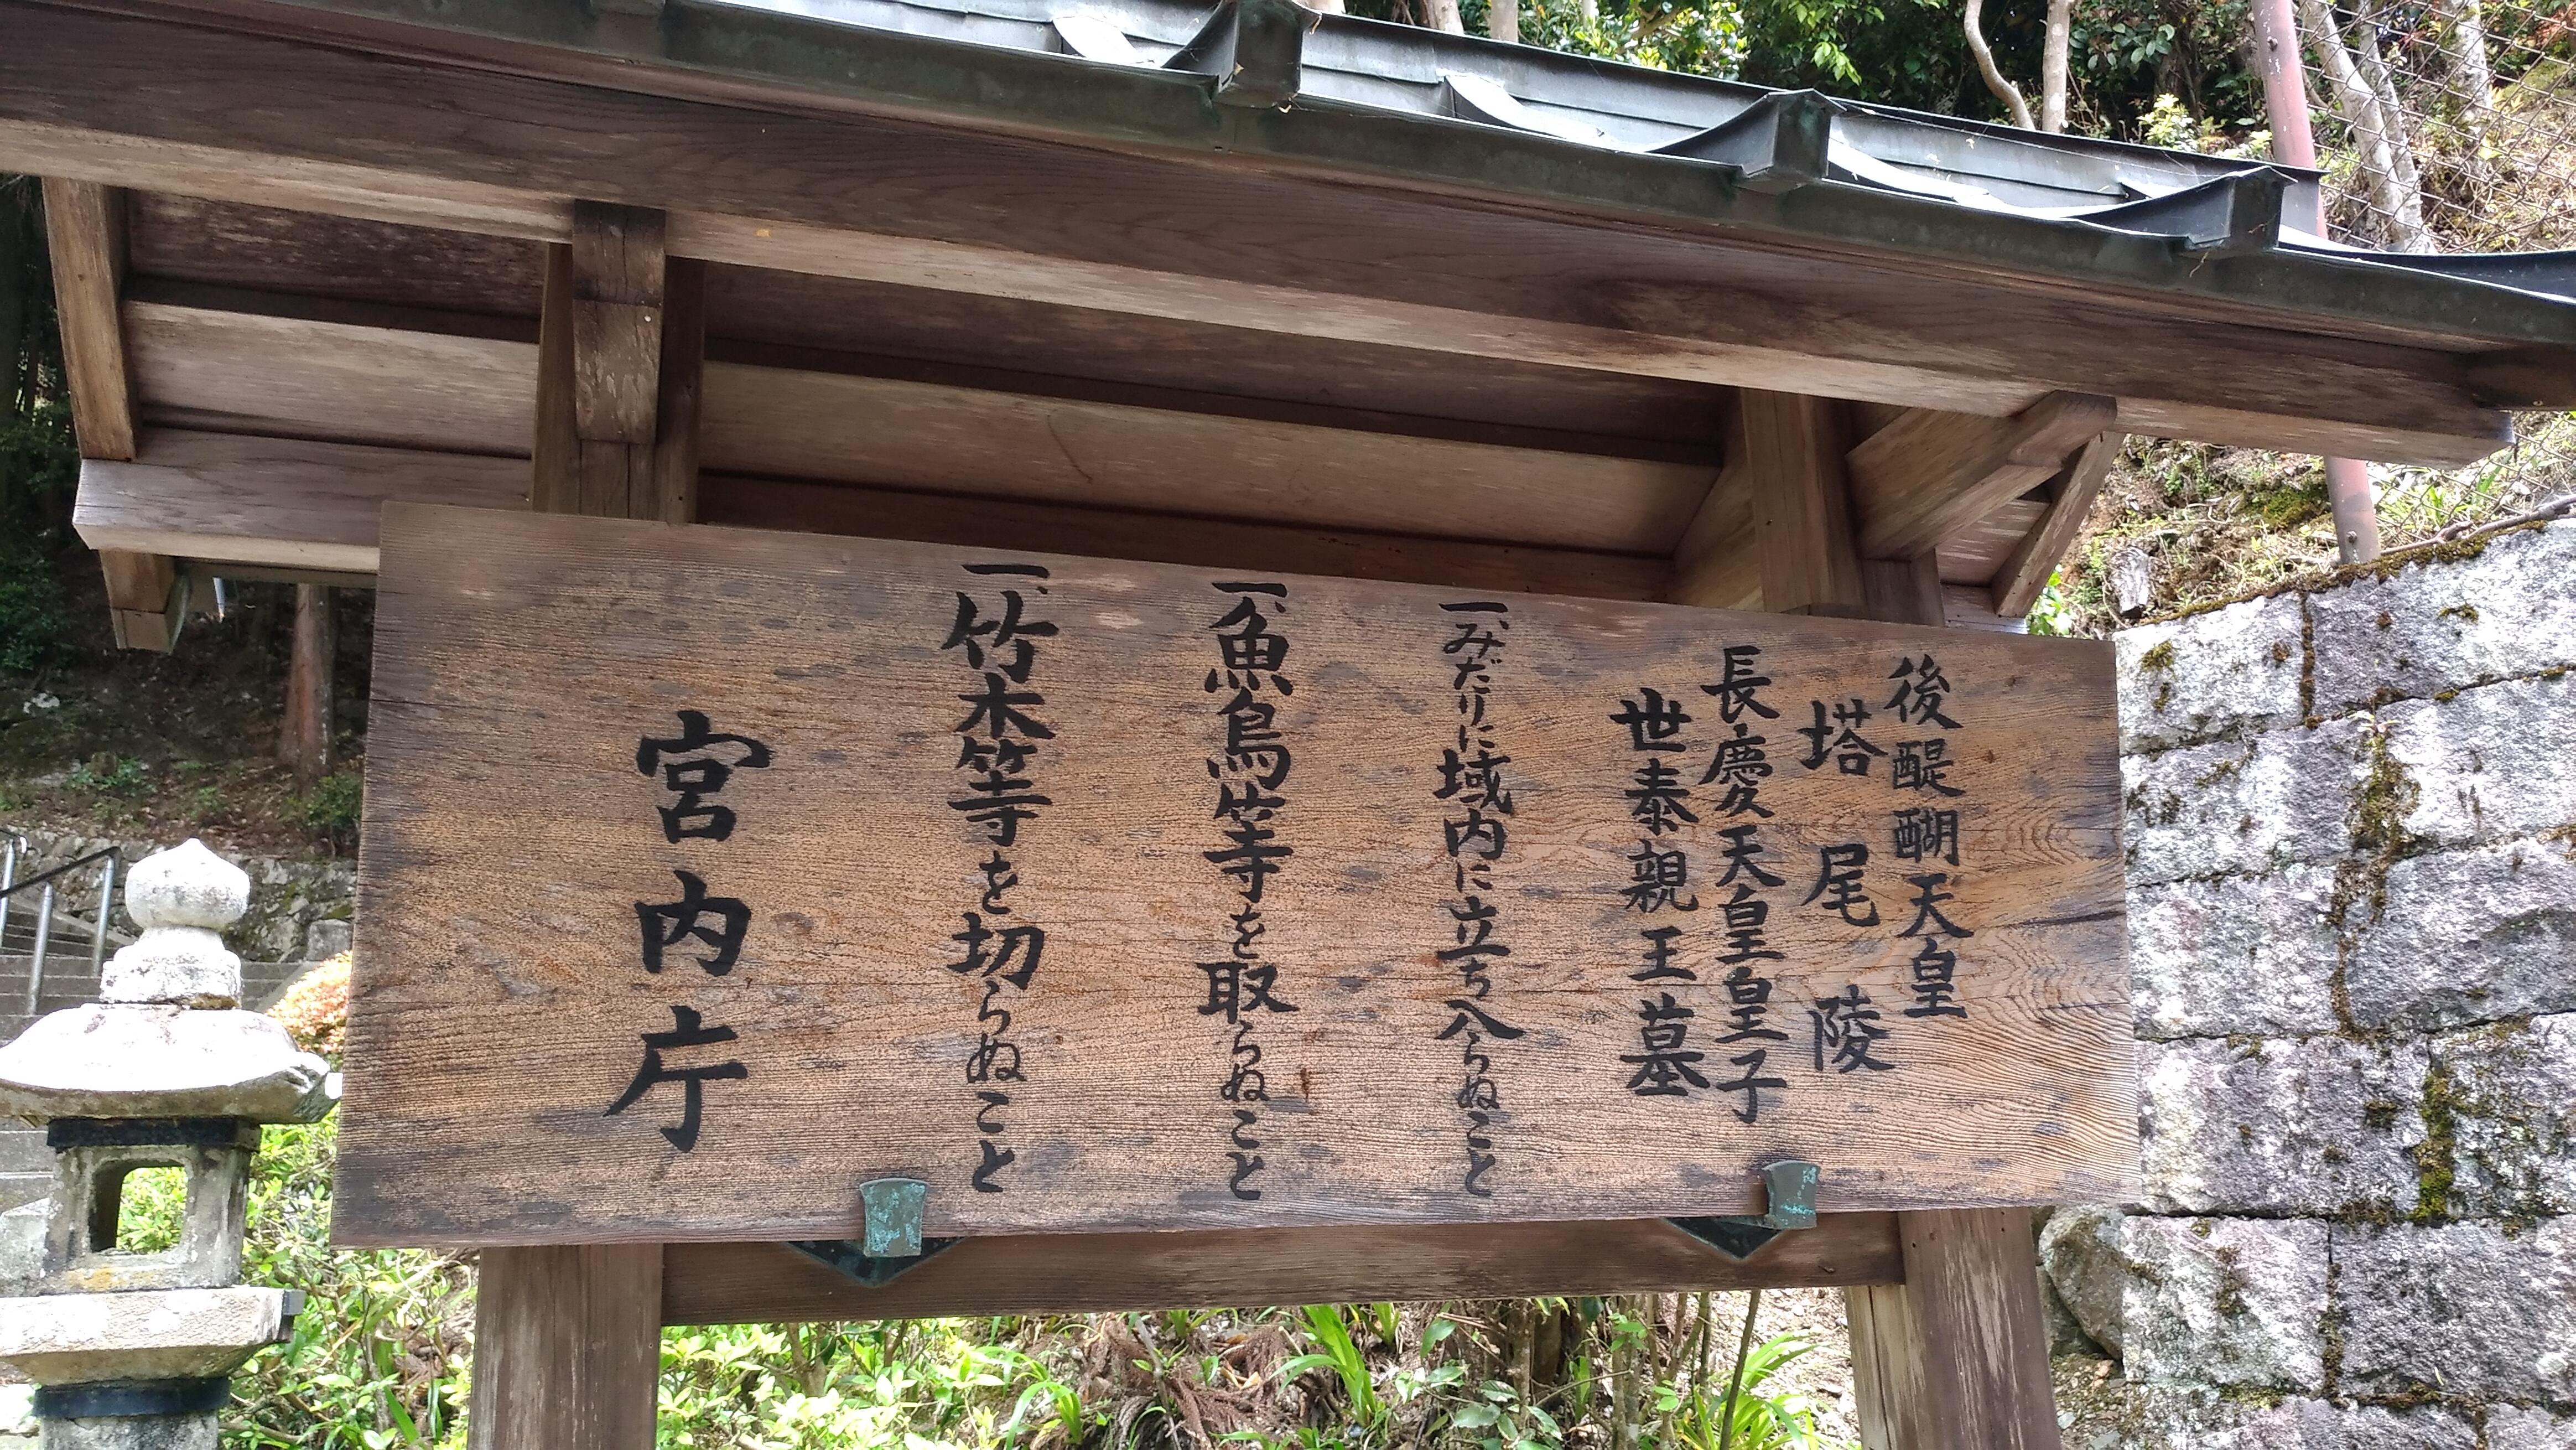 如意輪寺 後醍醐天皇陵